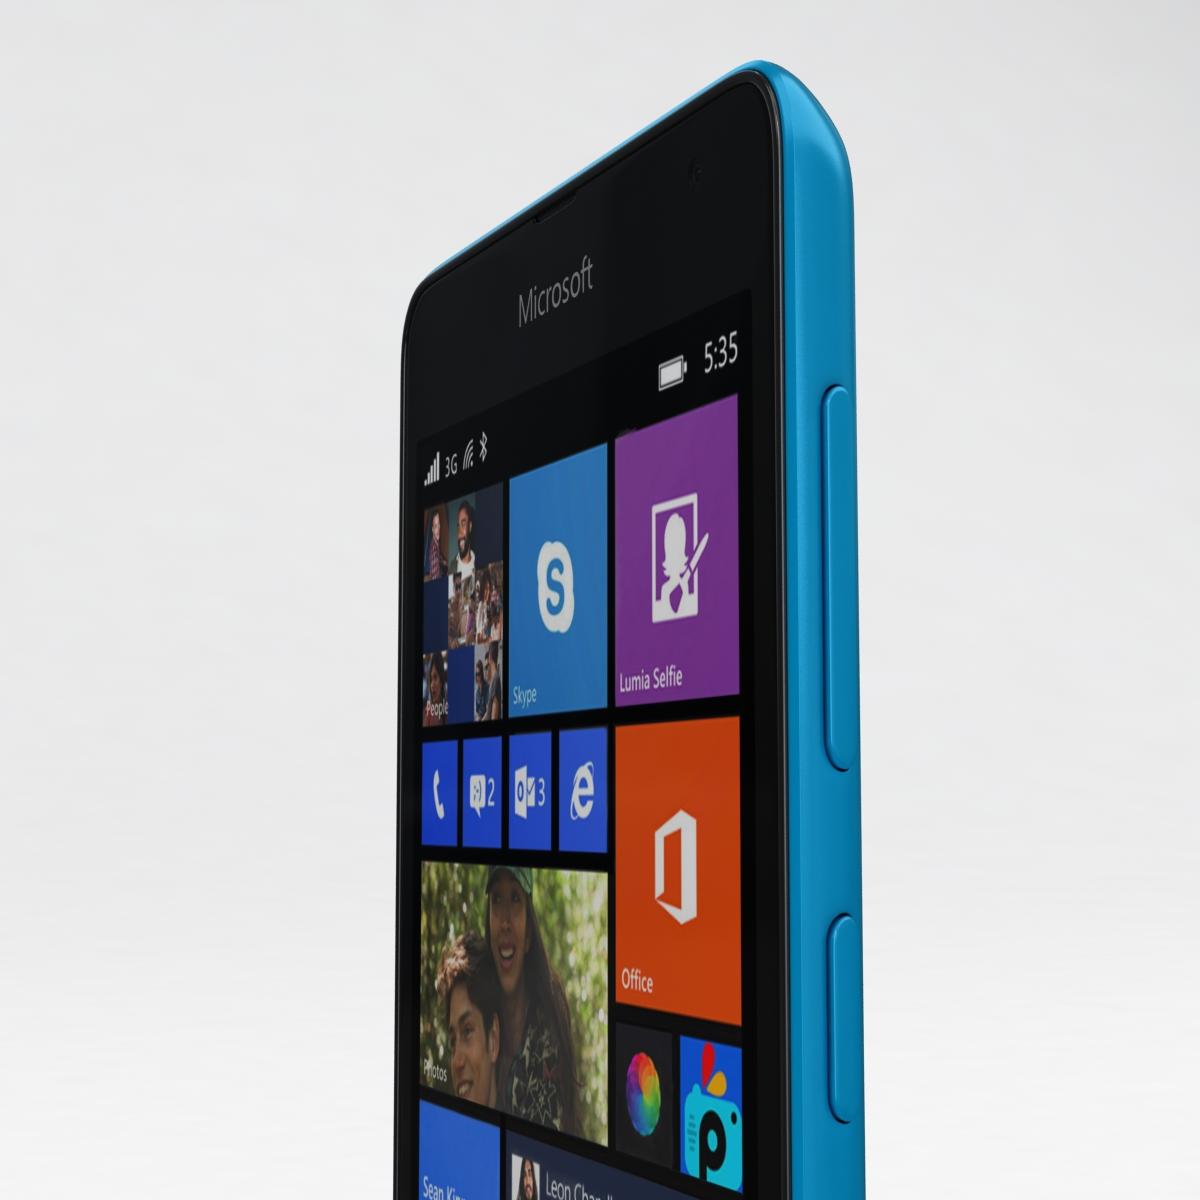 microsoft lumia 535 and dual sim all colors 3d model 3ds max fbx c4d obj 204701